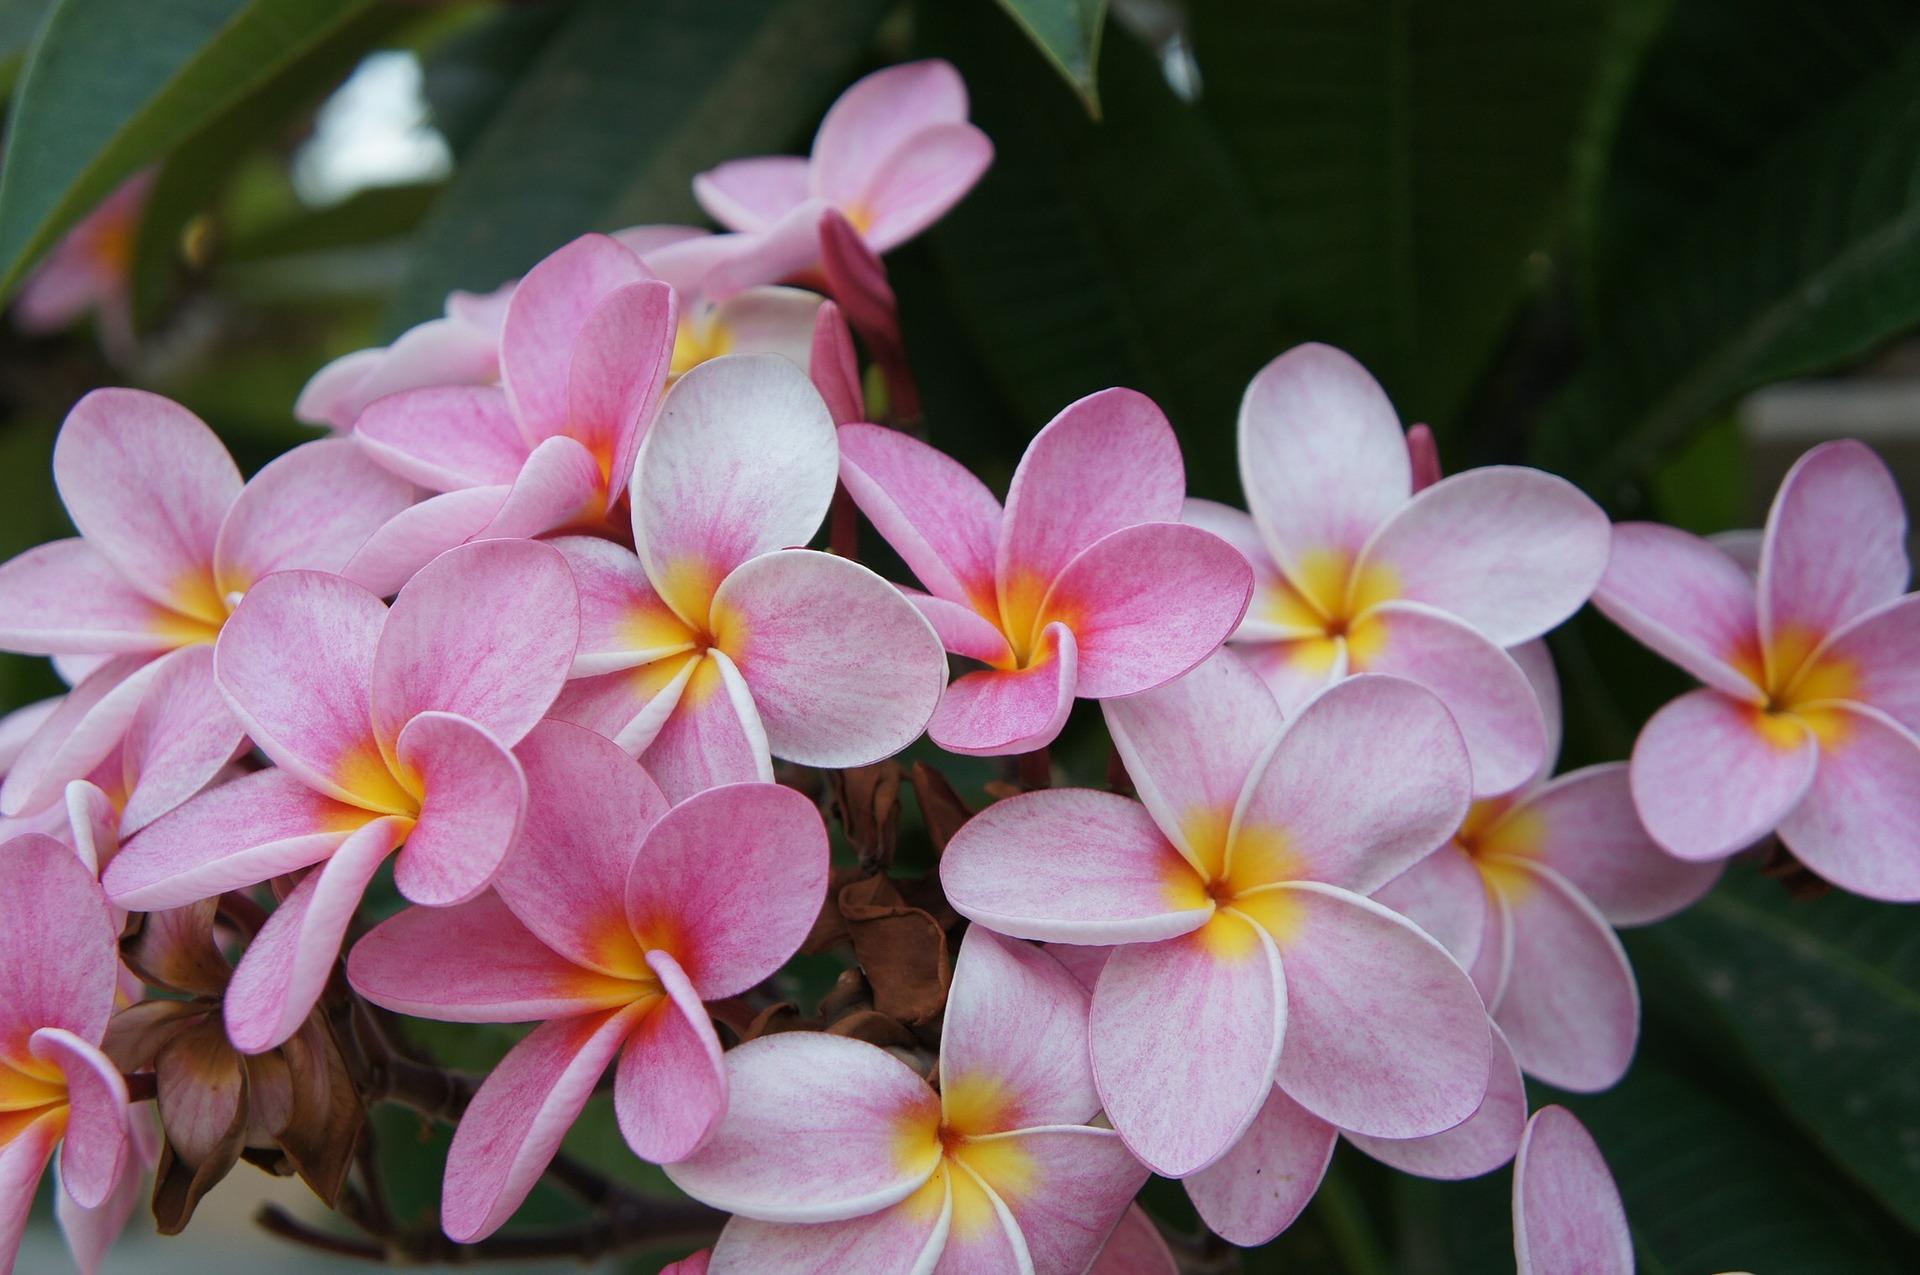 flower-534494_1920